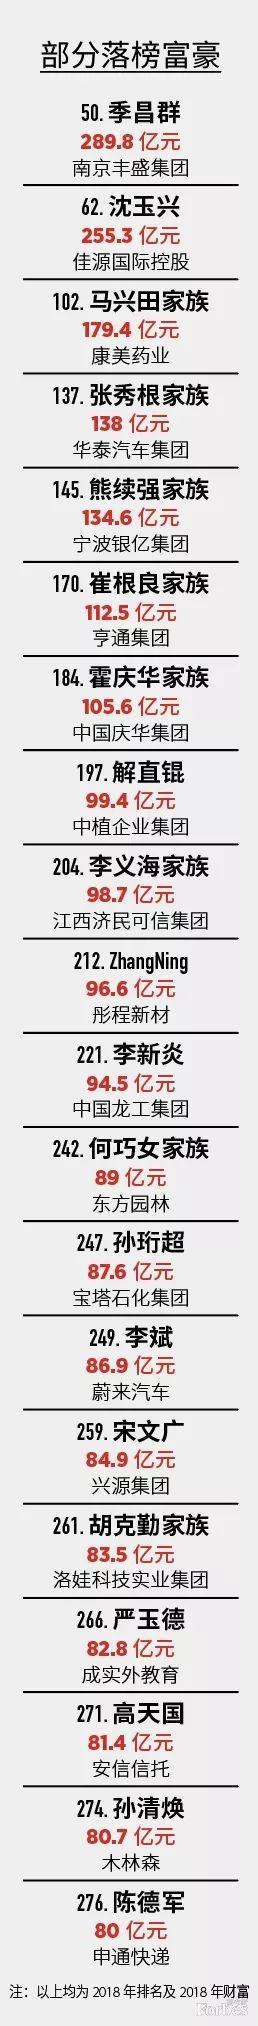 ceo博彩娱乐官网 安邦最新292字公告:境外投资清盘?来看六大关键点